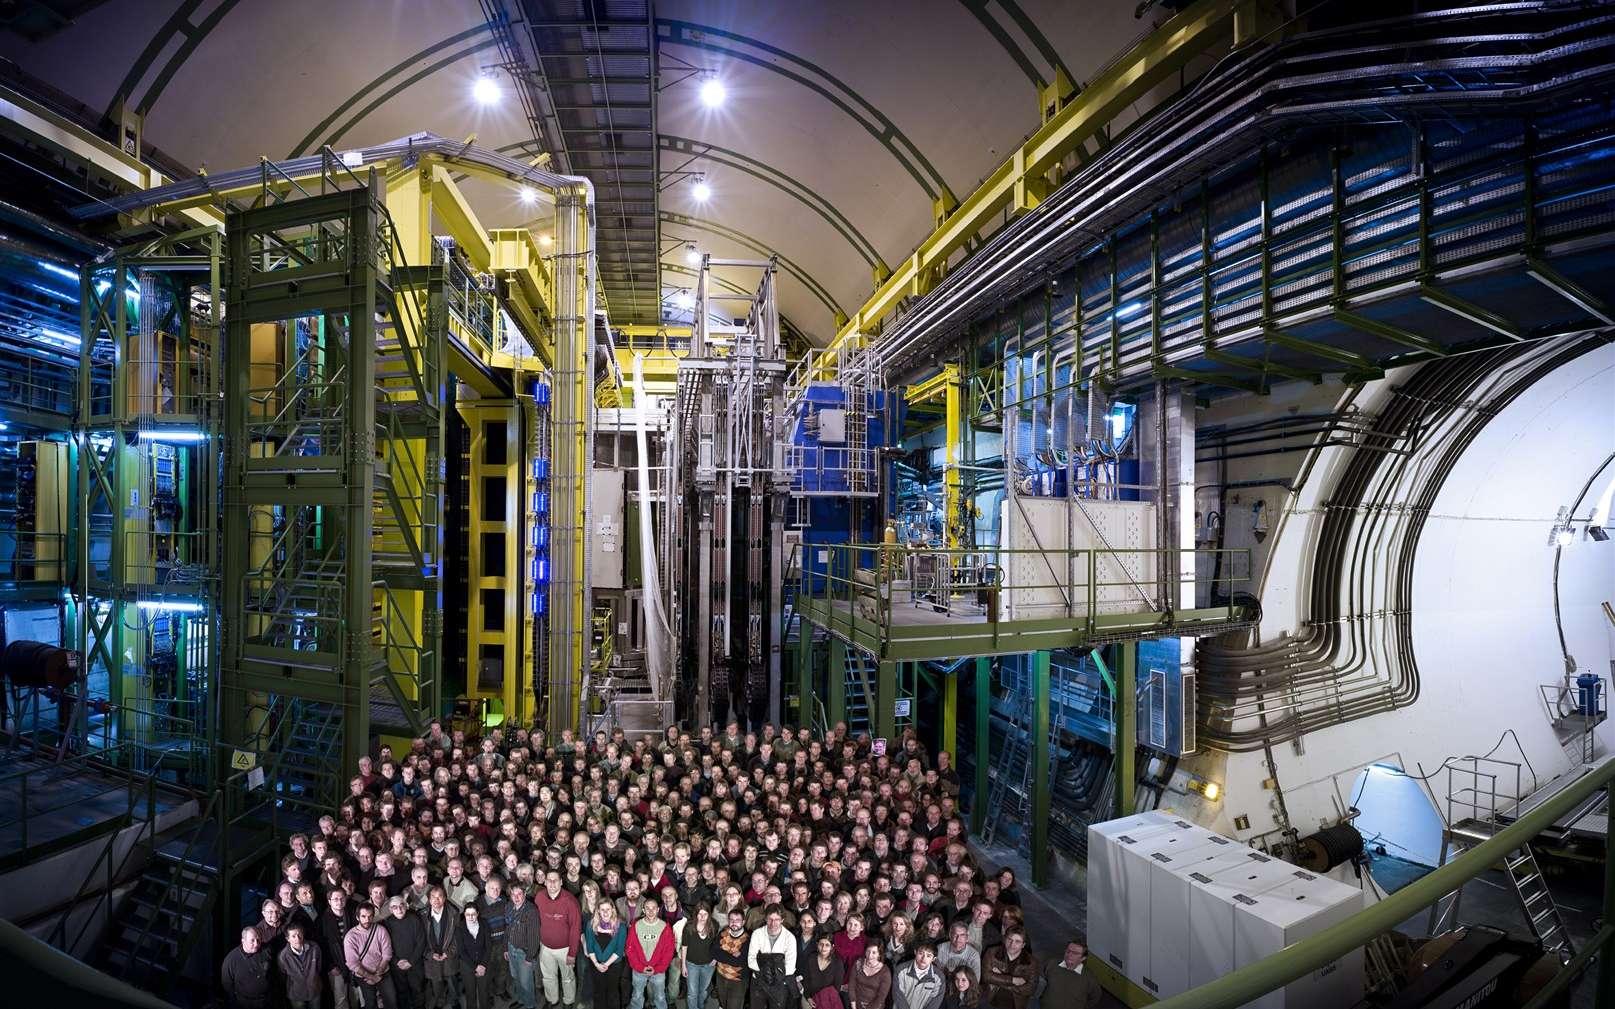 Les membres de la collaboration LHCb devant le détecteur du Cern. © Cern-Maximilien Brice-Rachel Barbier